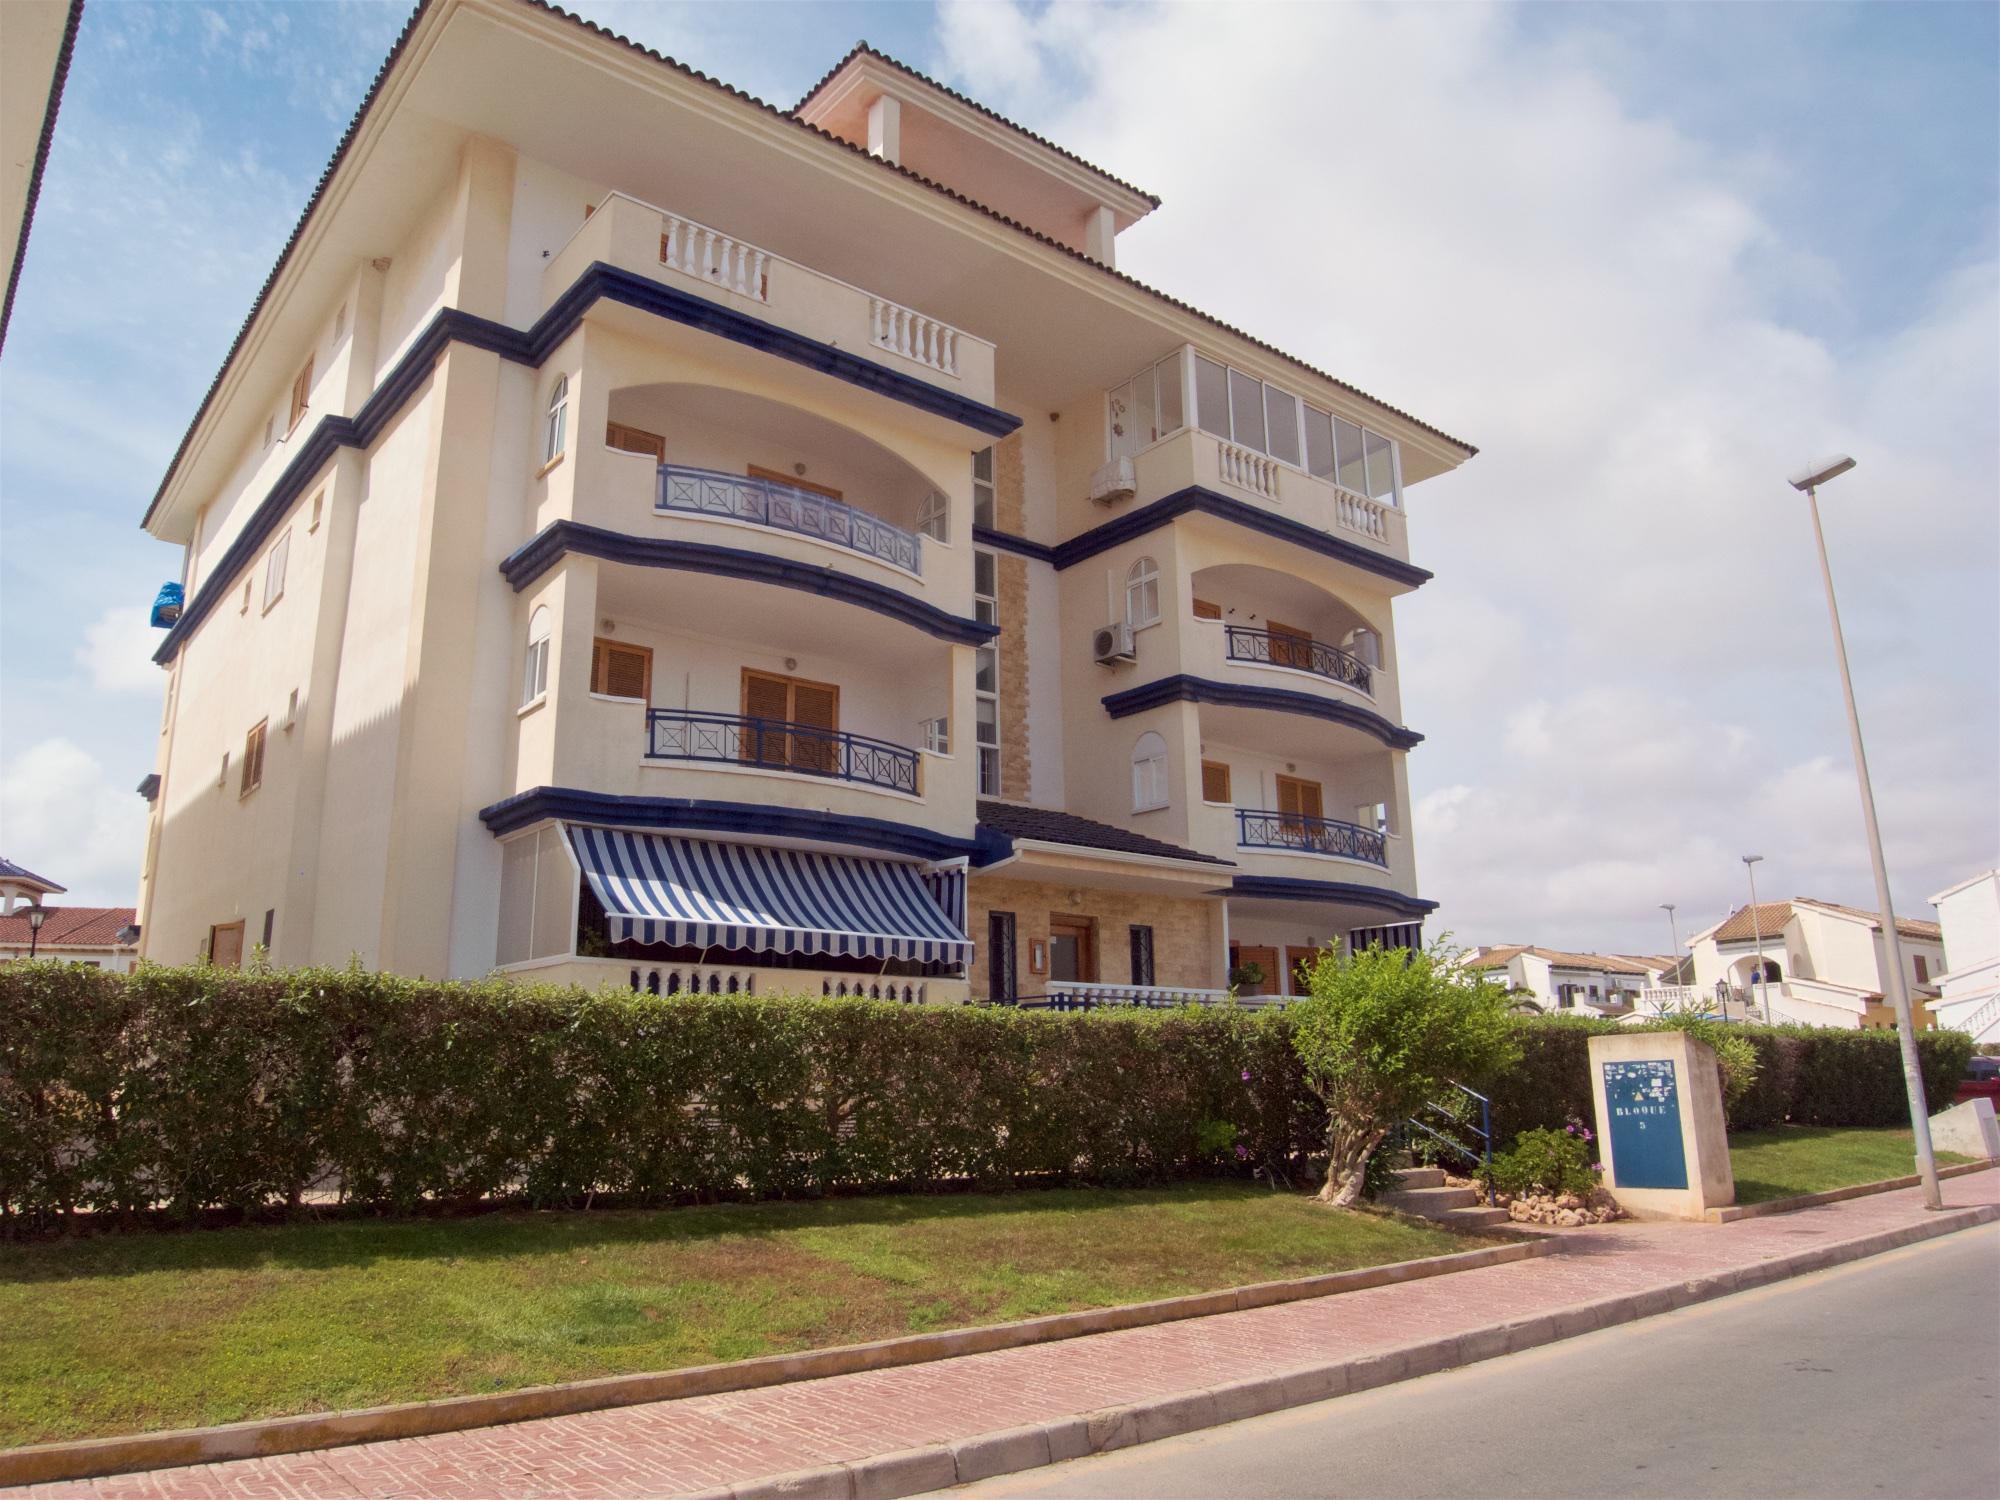 Alquiler tur stico alquiler de apartamentos en torrevieja - Alquilar apartamento en torrevieja ...